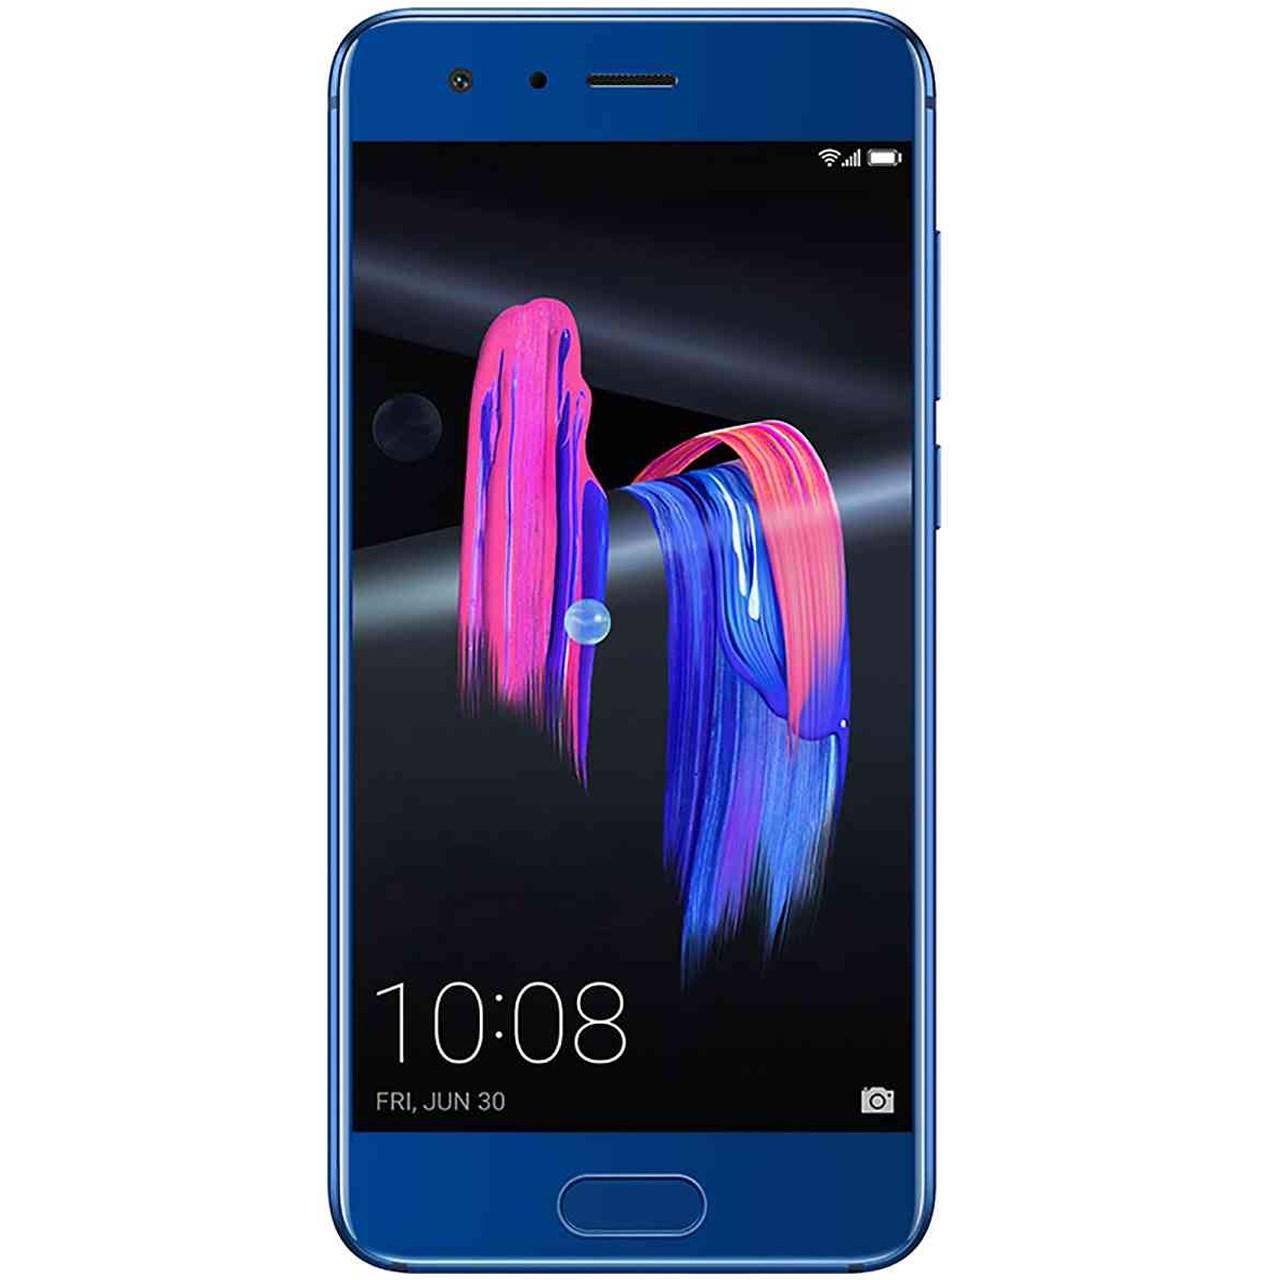 گوشی موبایل آنر مدل 9 STF-L09 دو سیم کارت ظرفیت 64 گیگابایت